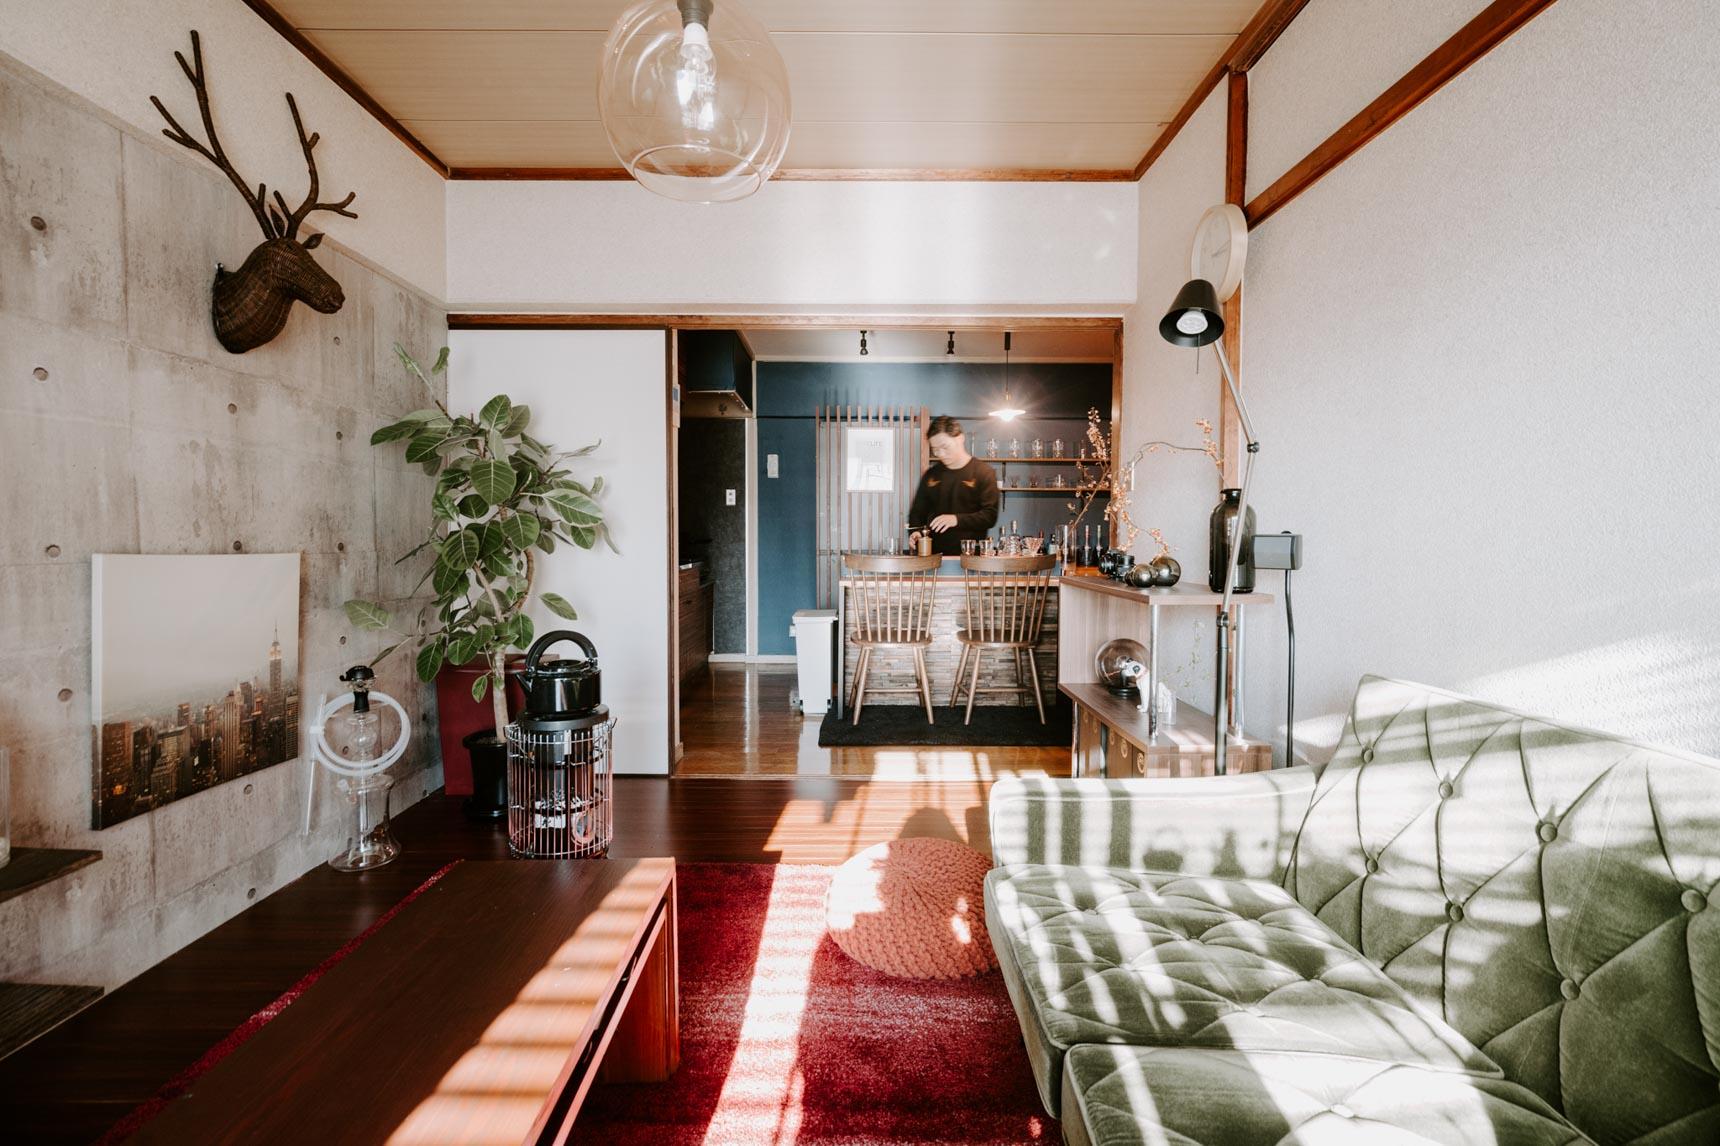 かっこよく見せたい時は、コンクリート打ちっぱなし風の壁紙に変えることで、部屋全体をクールな印象に仕上げることもできます。たった一面だけなのに、受ける印象がガラッと変わりますね。(このお部屋はこちら)